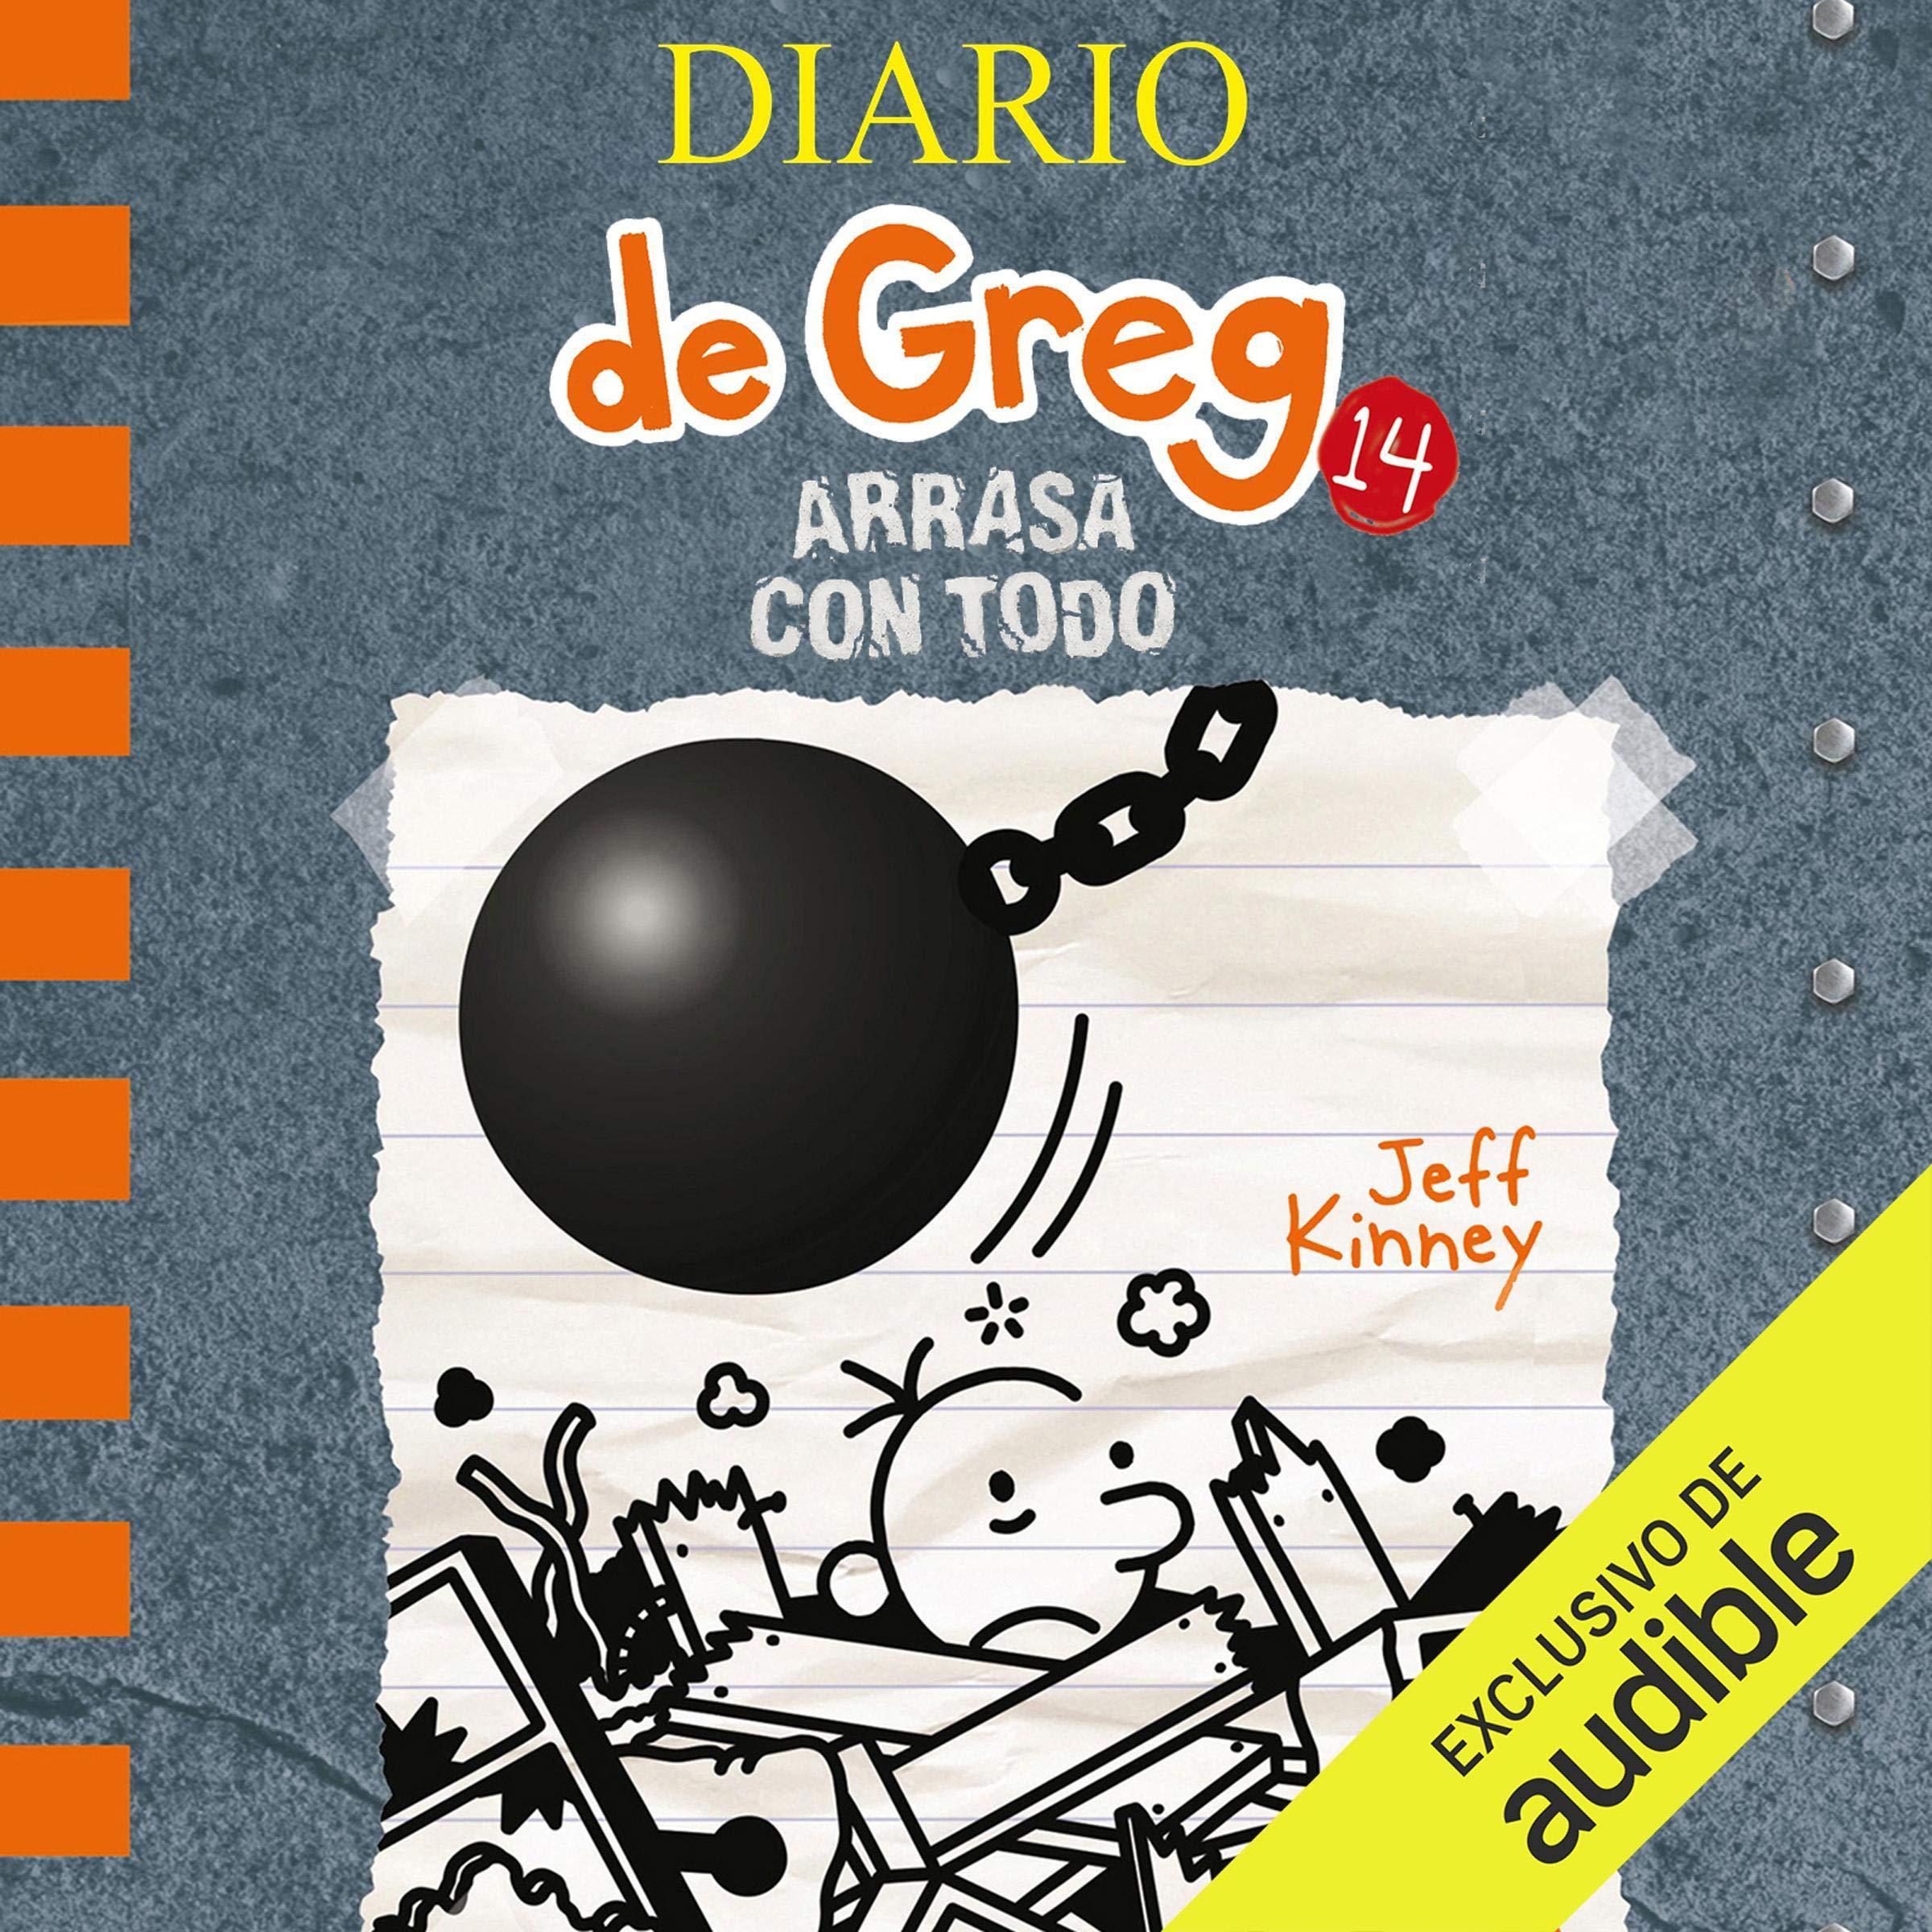 Diario de Greg arrasa con todo